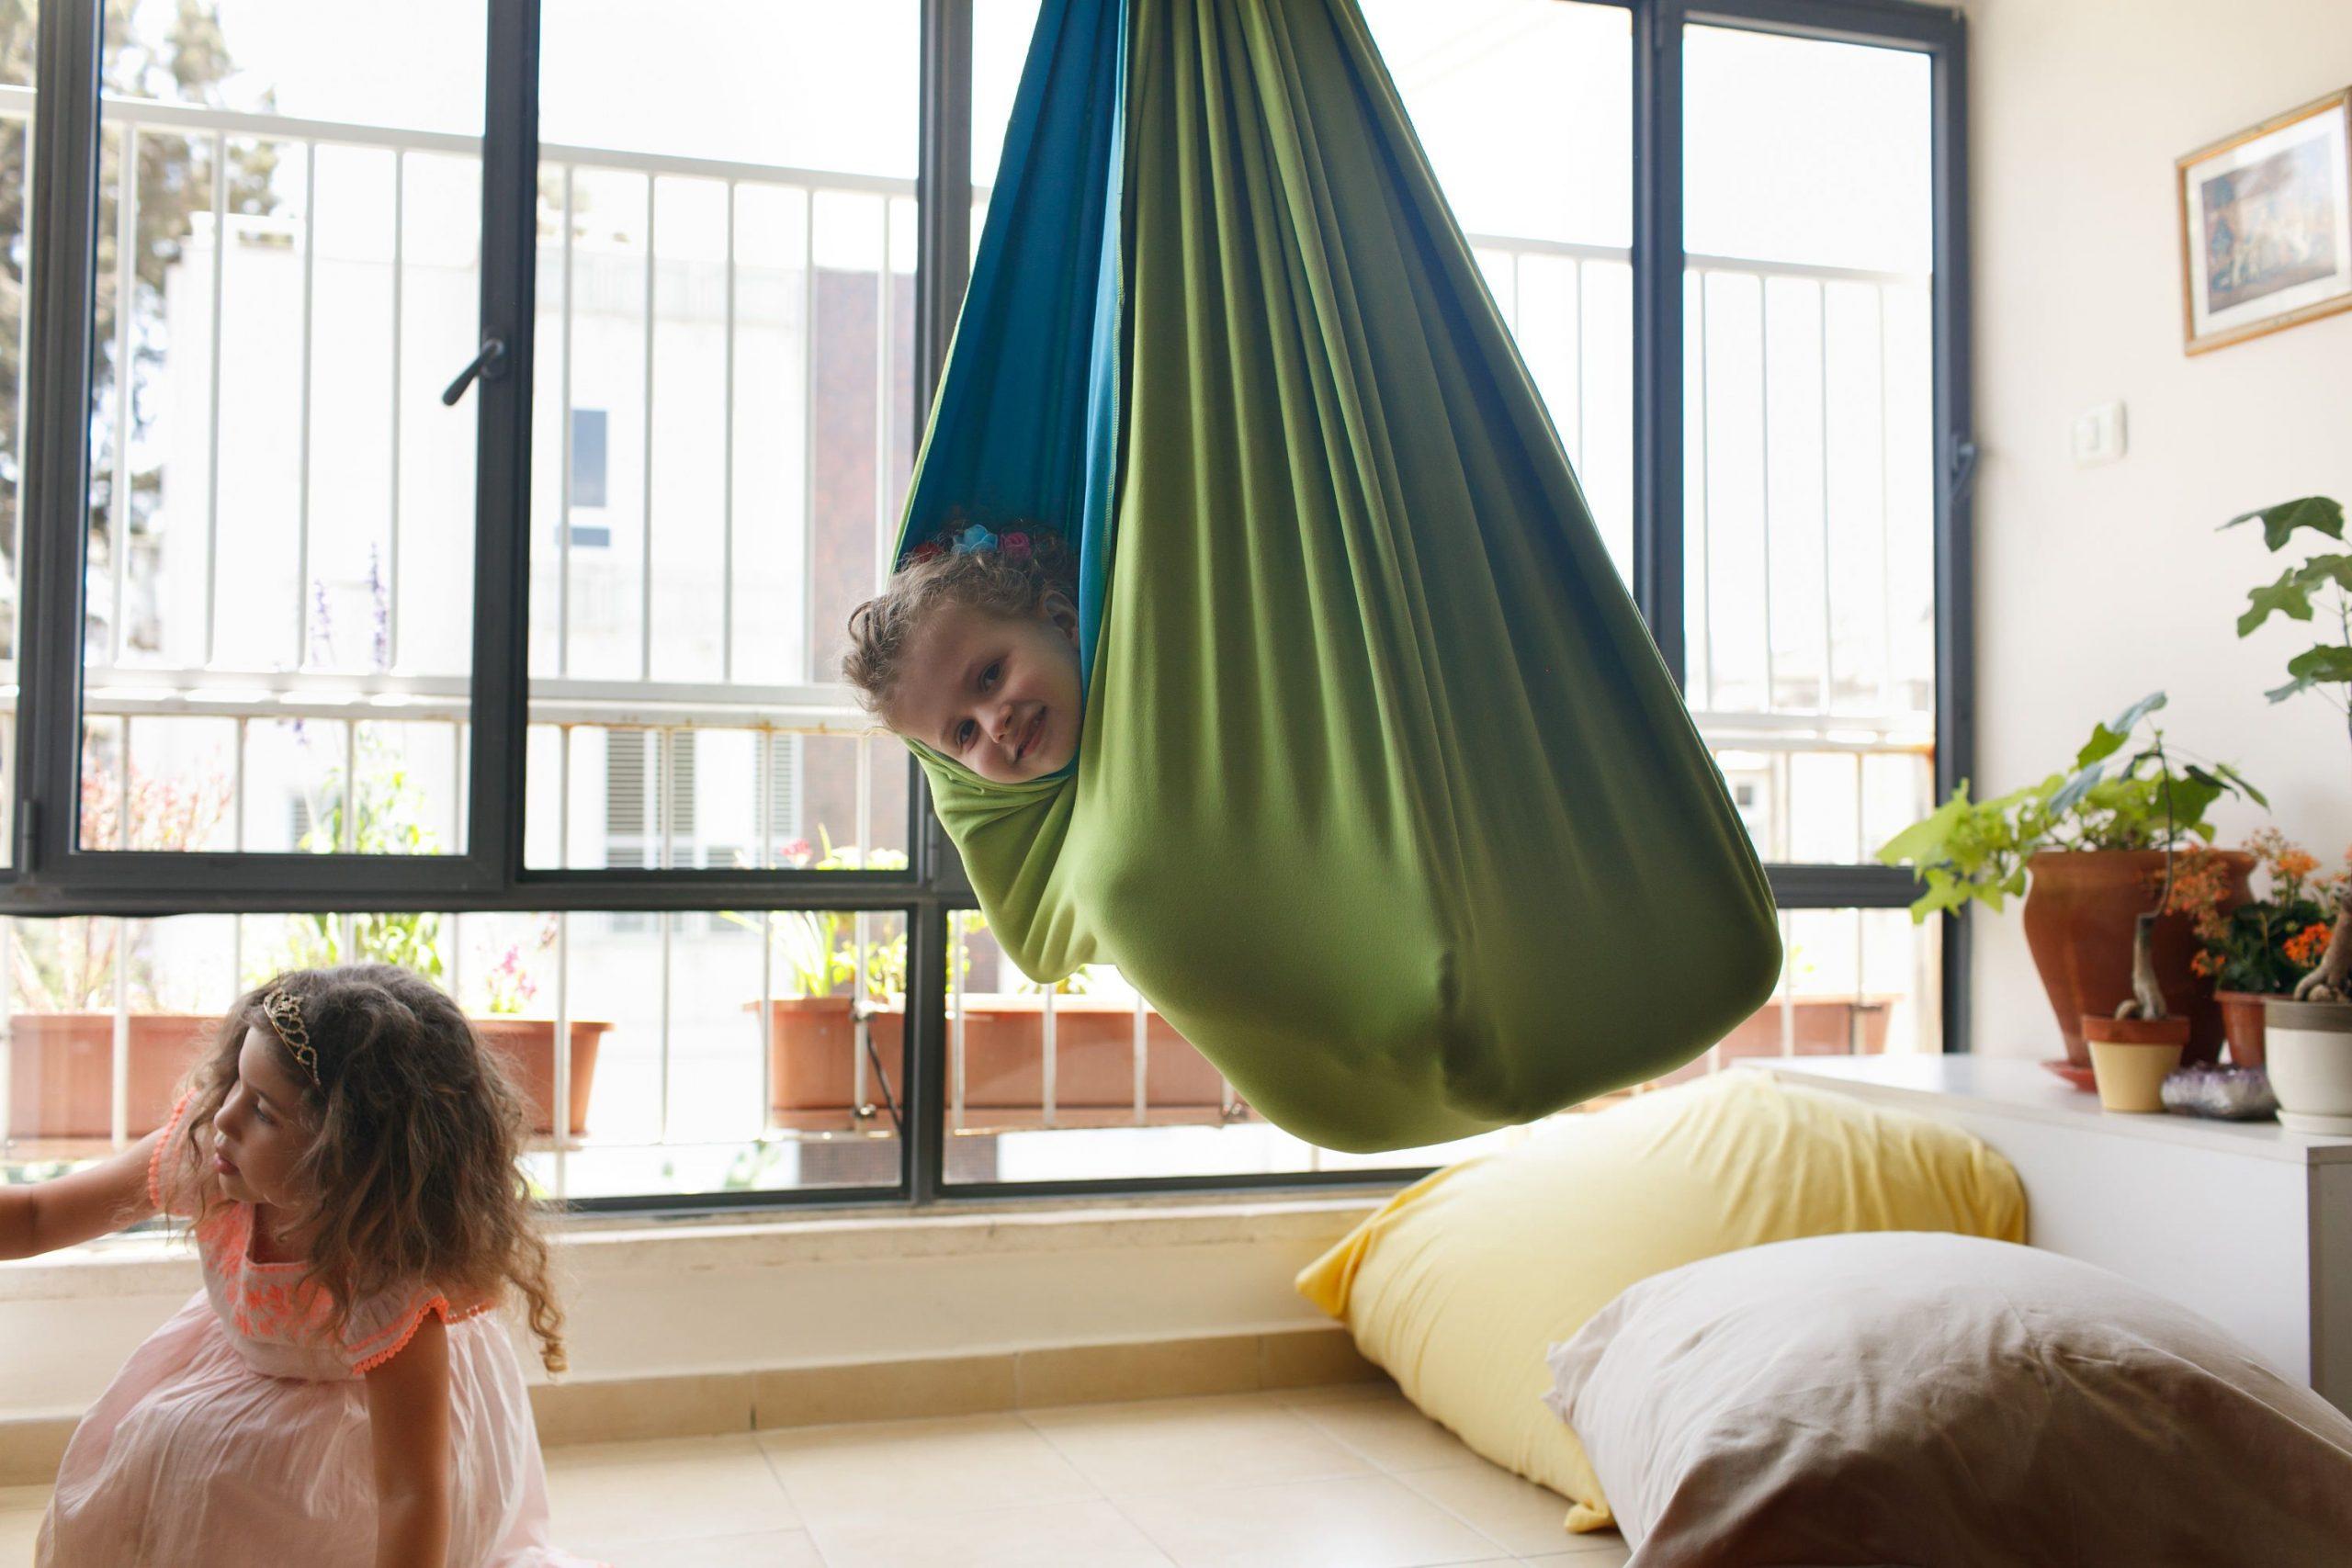 Kids Room Decor, Indoor Swing, Hanging Chair, Sensory Swing, Hammock Chair, Swing Chair, Kids Toy, Outdoor Swing, Kids Outdoor Hammock Swing